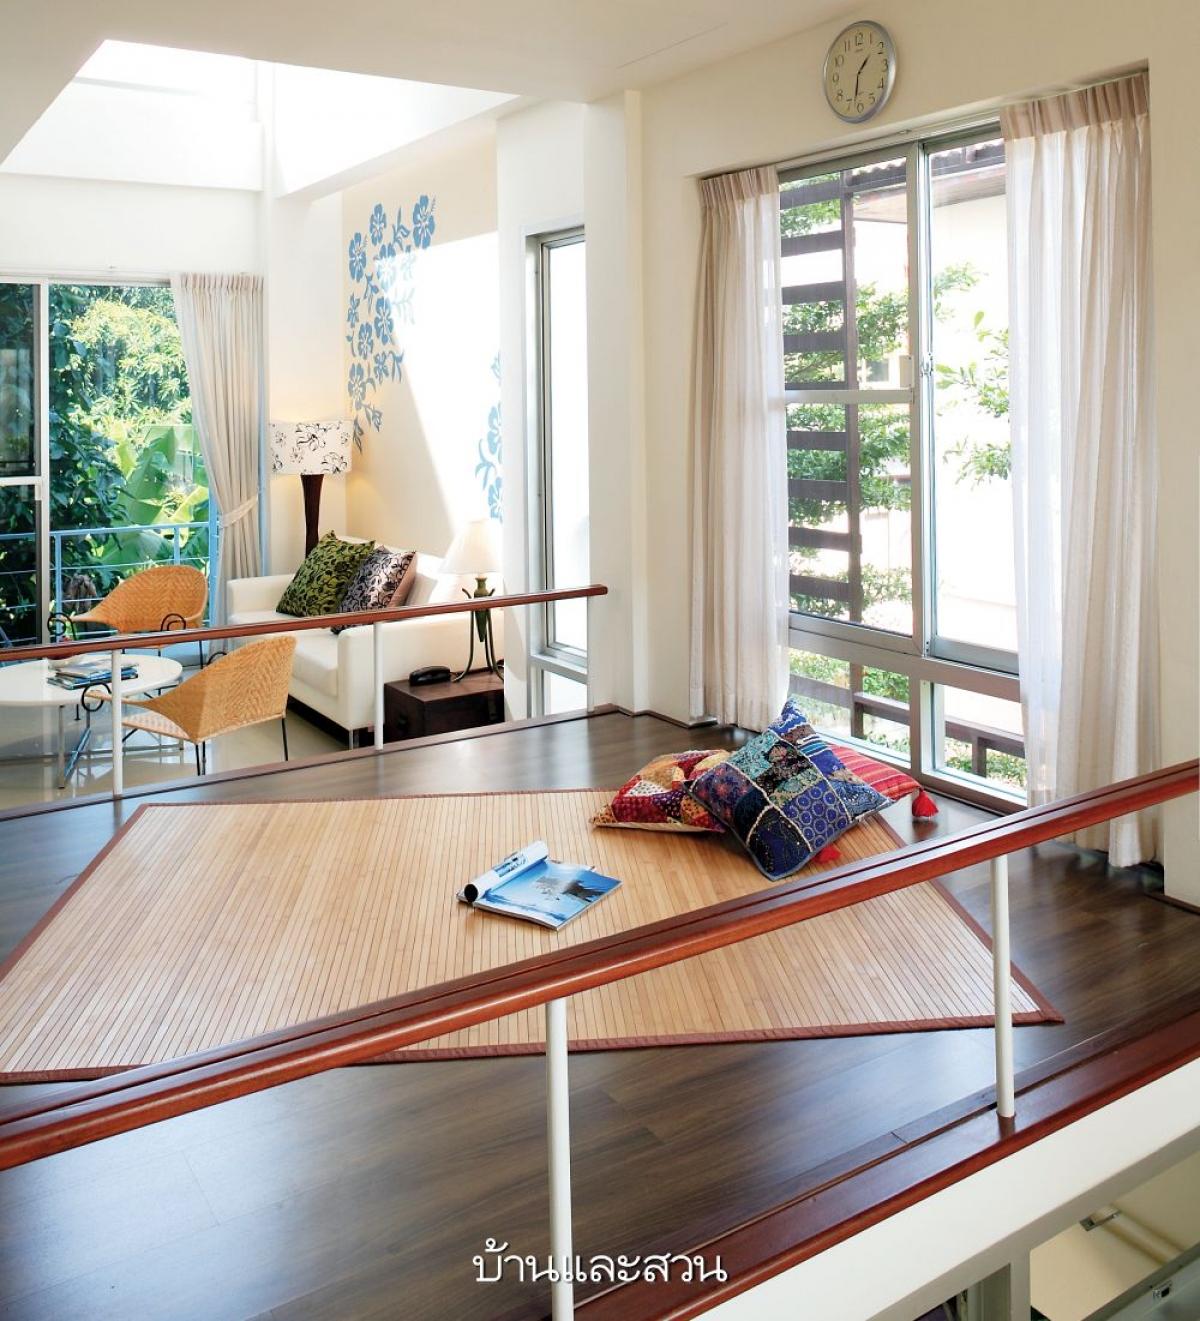 Phòng khách được đặt ở vị trí tầng 2 bên cạnh đó được thiết kế thêm tấm phản có thanh chắn là nơi lý tưởng để đọc sách hoặc là khu vui chơi của bọn trẻ.